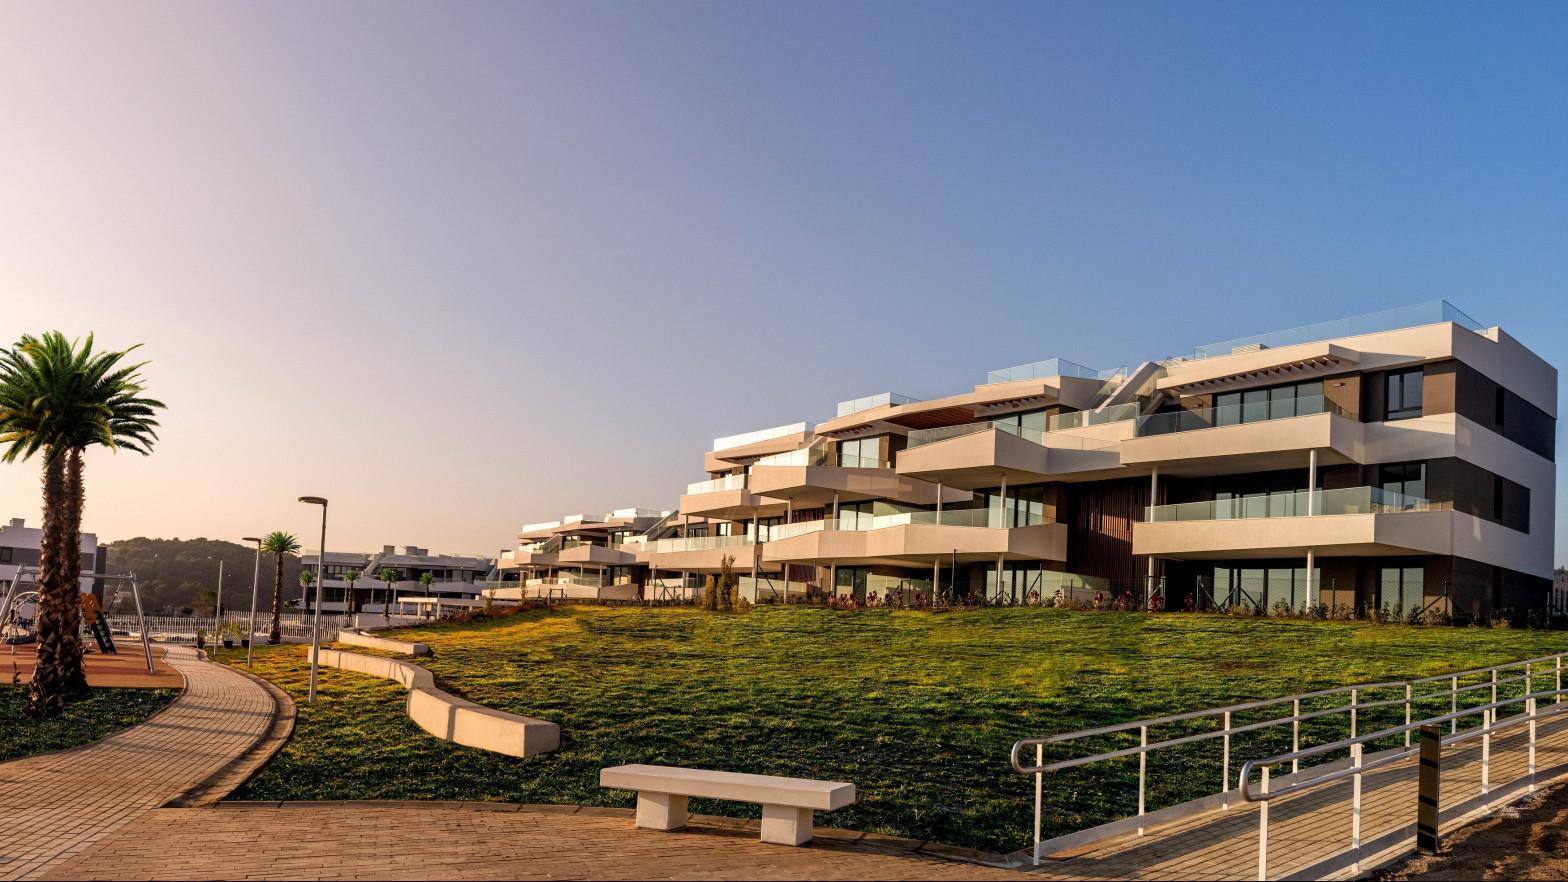 La CNMC autoriza la fusión de Neinor Homes y Quabit, que se cerrará en días